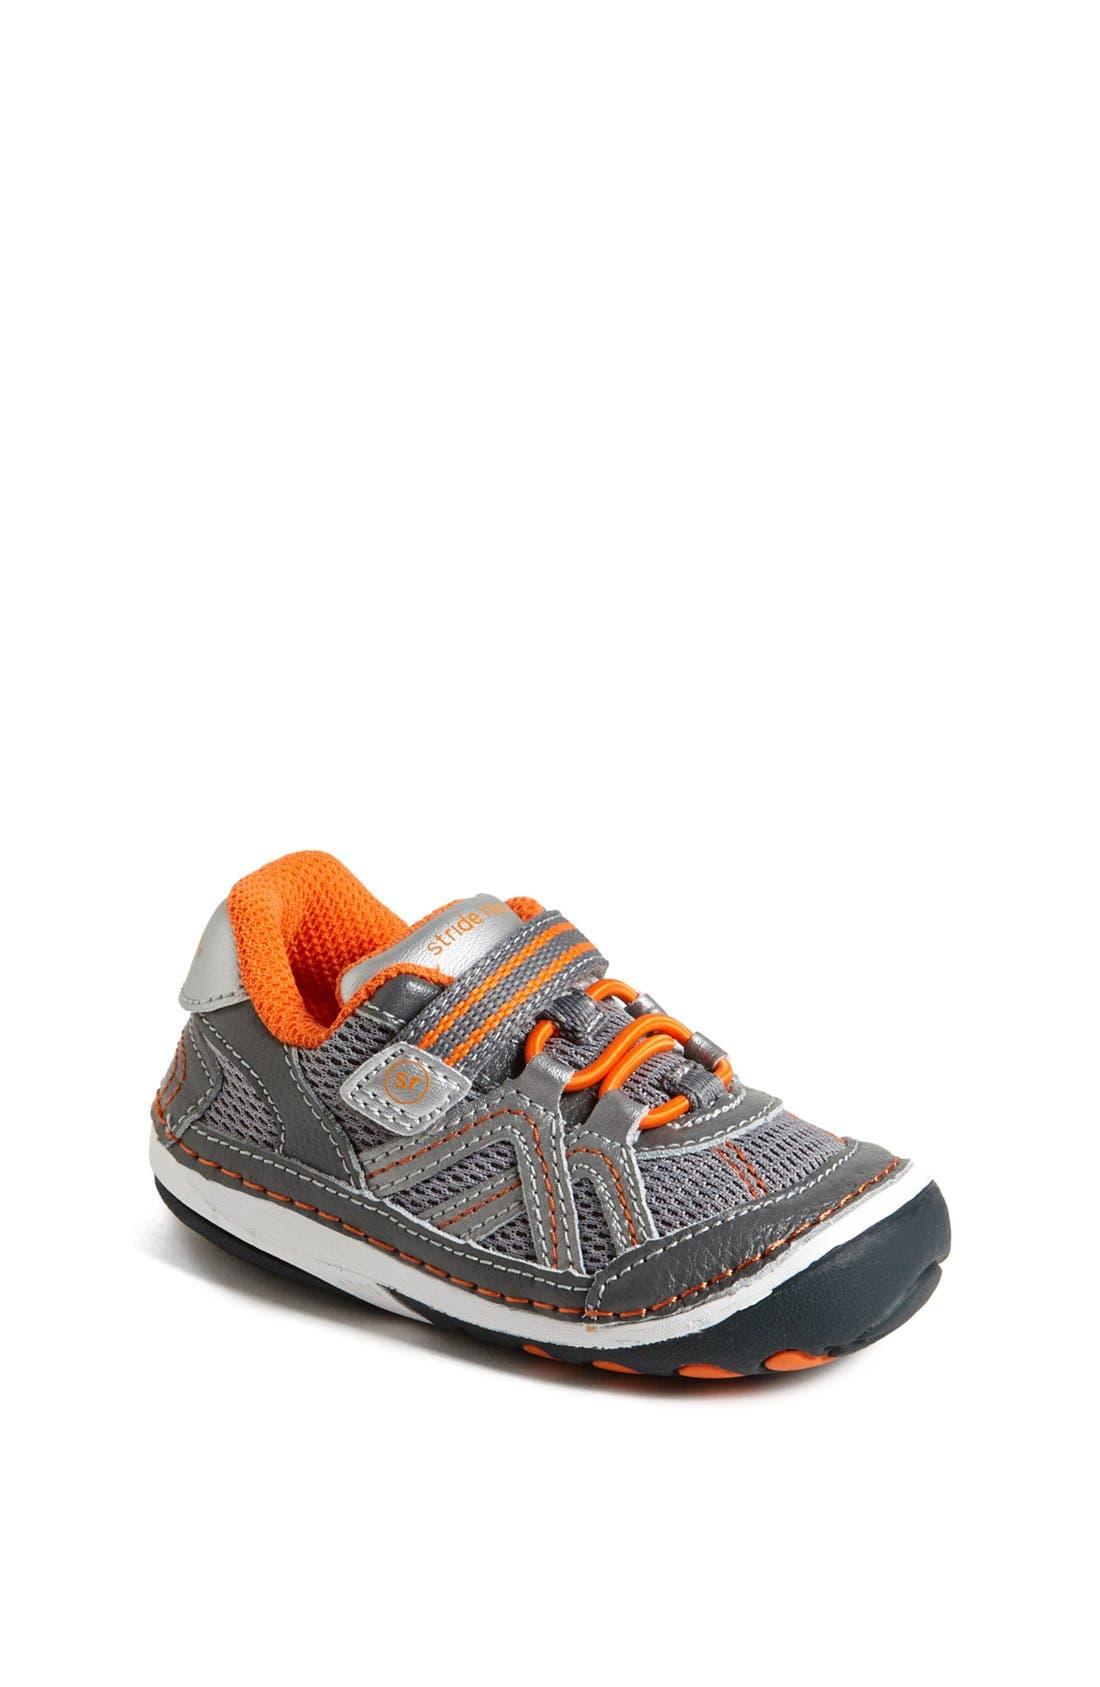 Alternate Image 1 Selected - Stride Rite 'Damien' Sneaker (Baby & Walker)